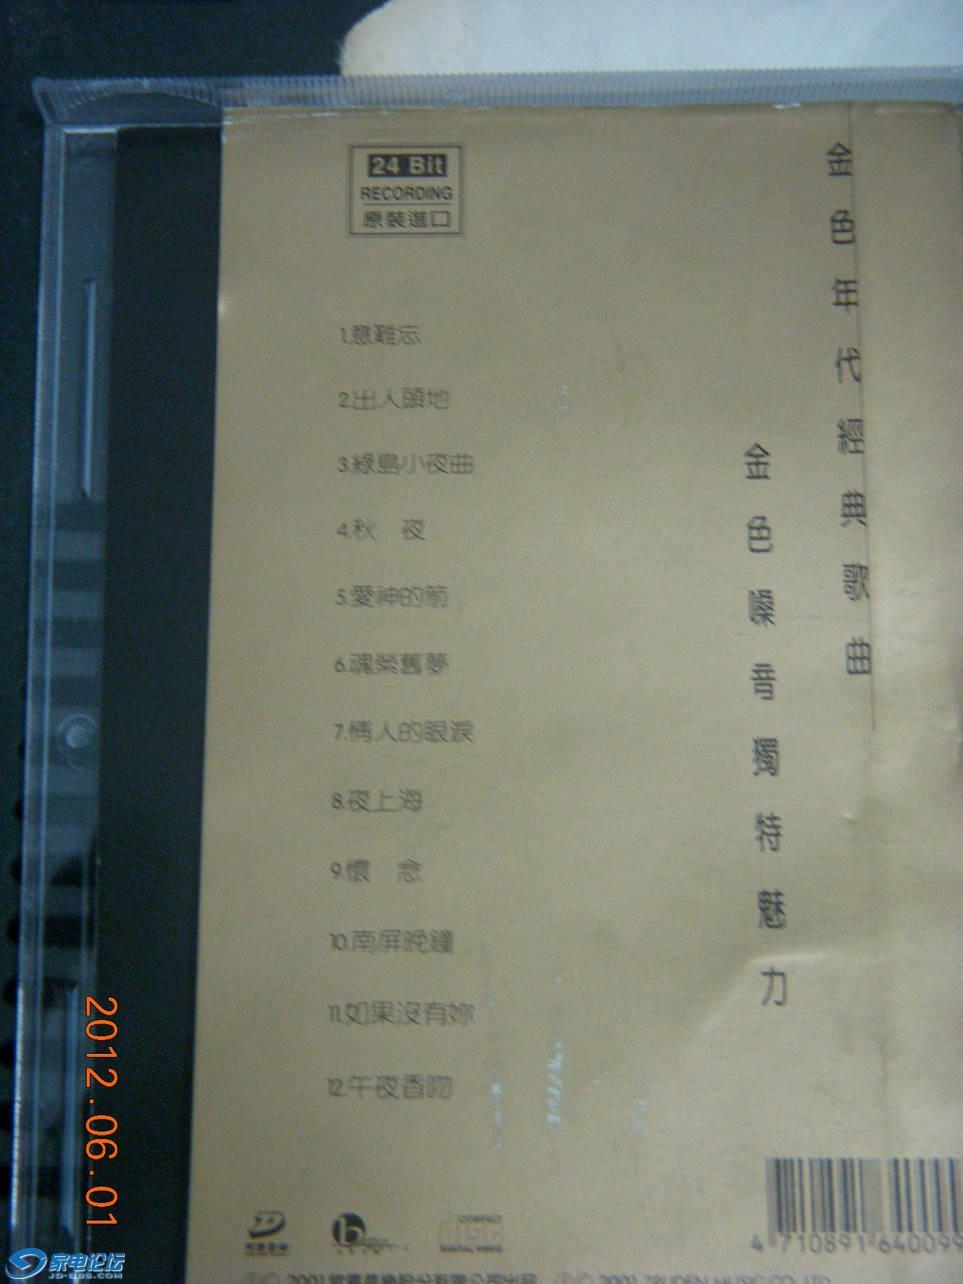 DSCN8541.JPG